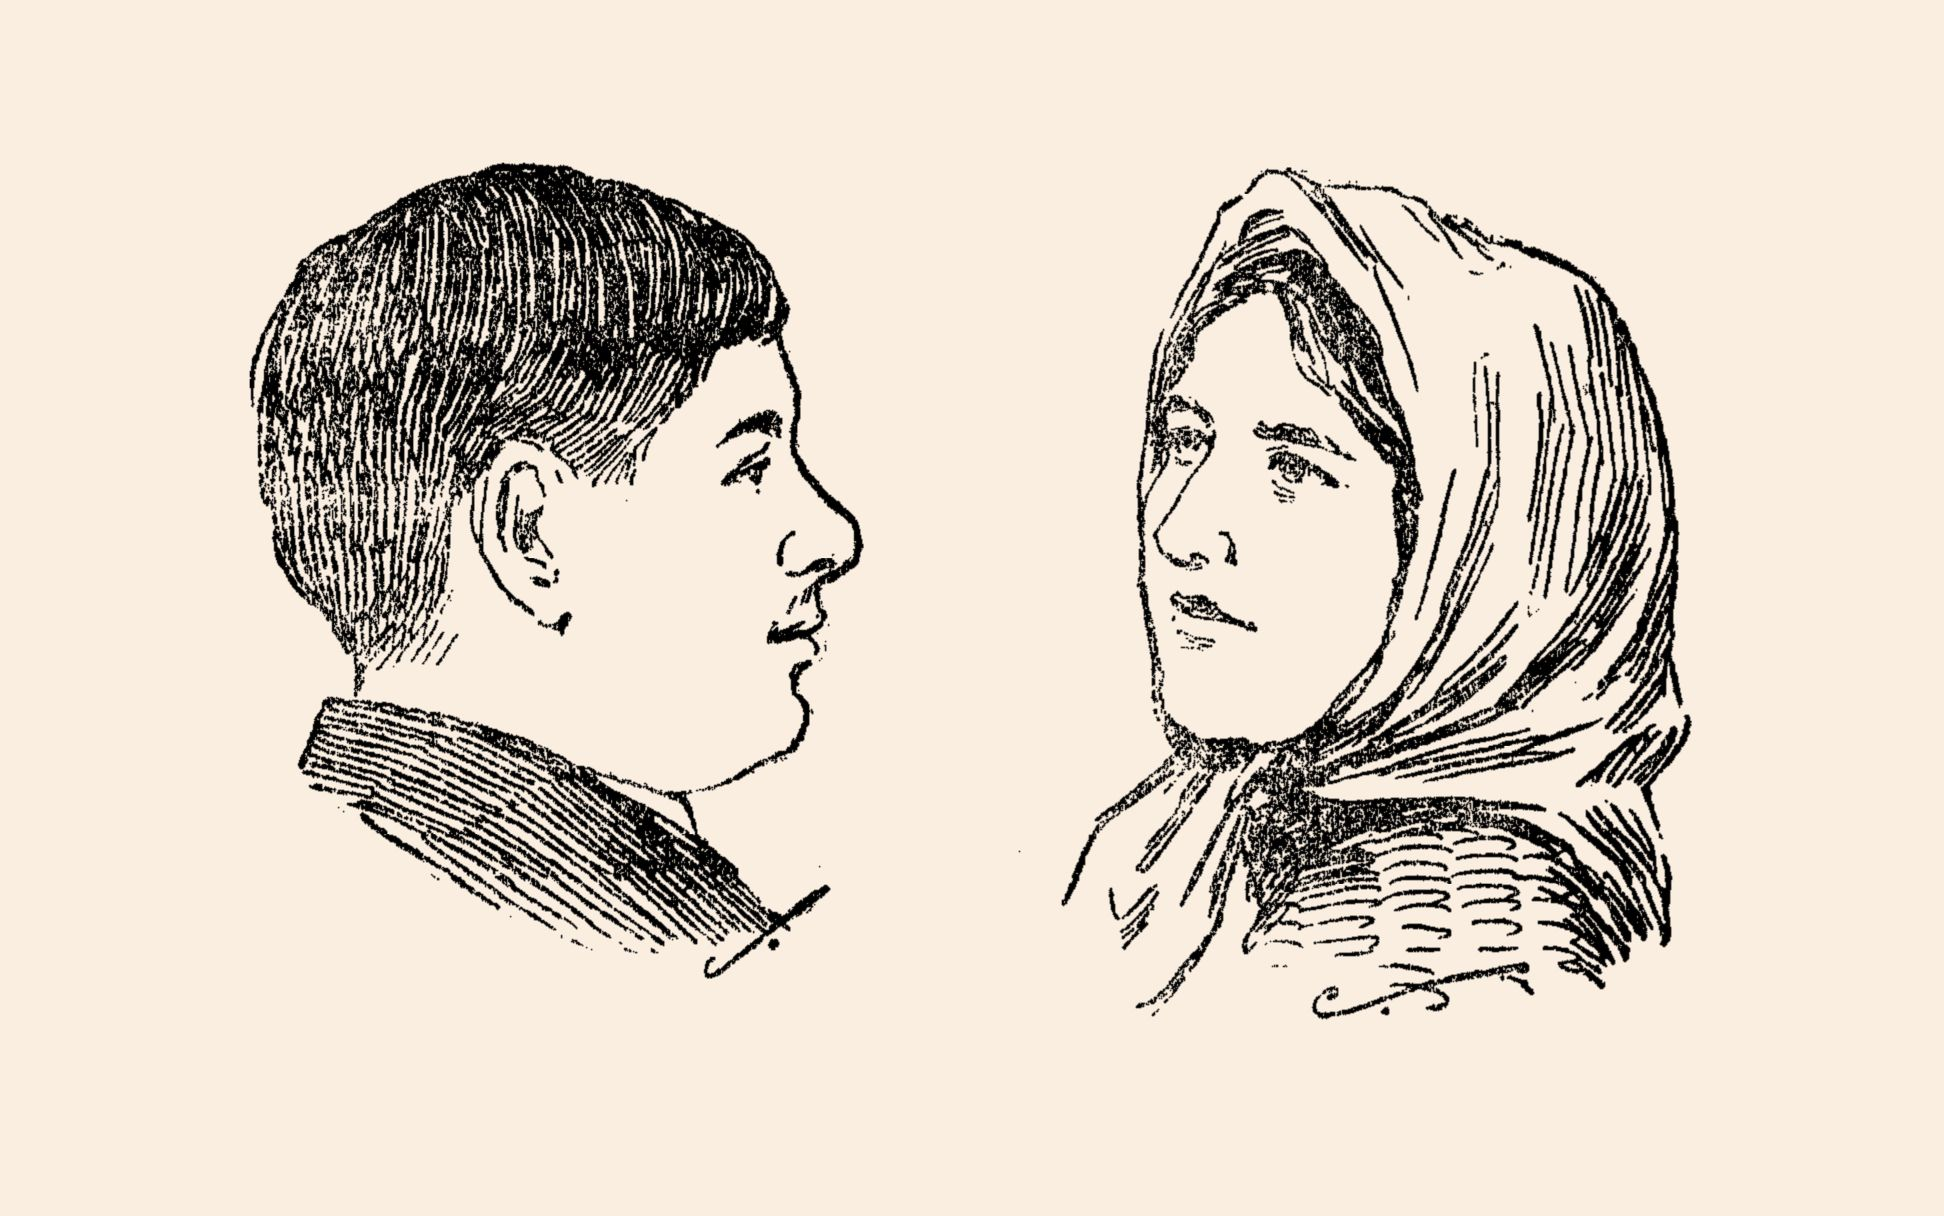 A la izquierda, el niño estadounidense Paul von Rosenstiel, en el instante en que lanzó una botella al mar desde el trasatlántico Ascania. A la derecha, el pesquero gallego Adela Roibal, cuya tripulación la halló